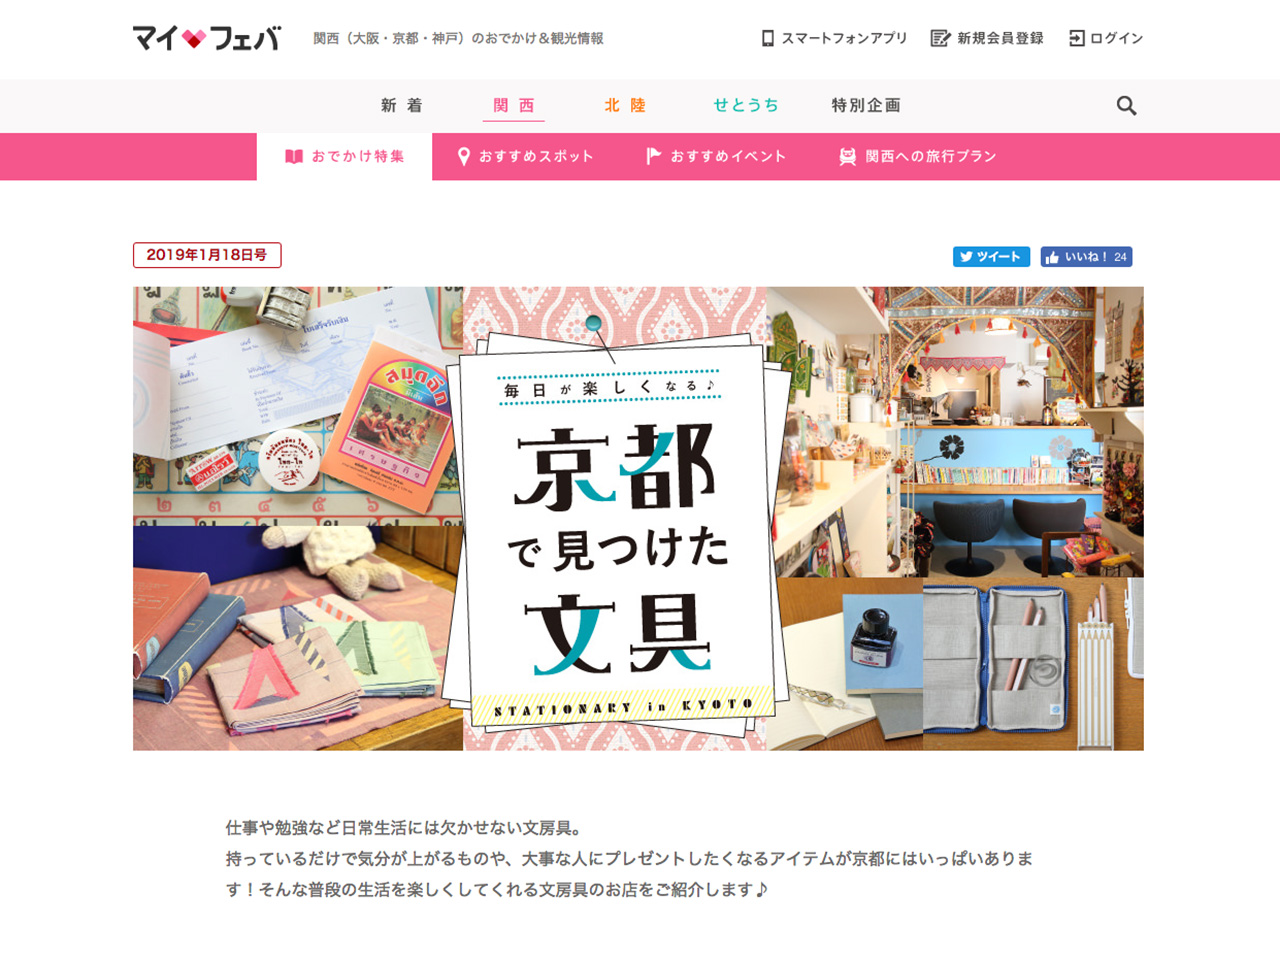 マイ♡フェバ「京都で見つけた文具」ページ